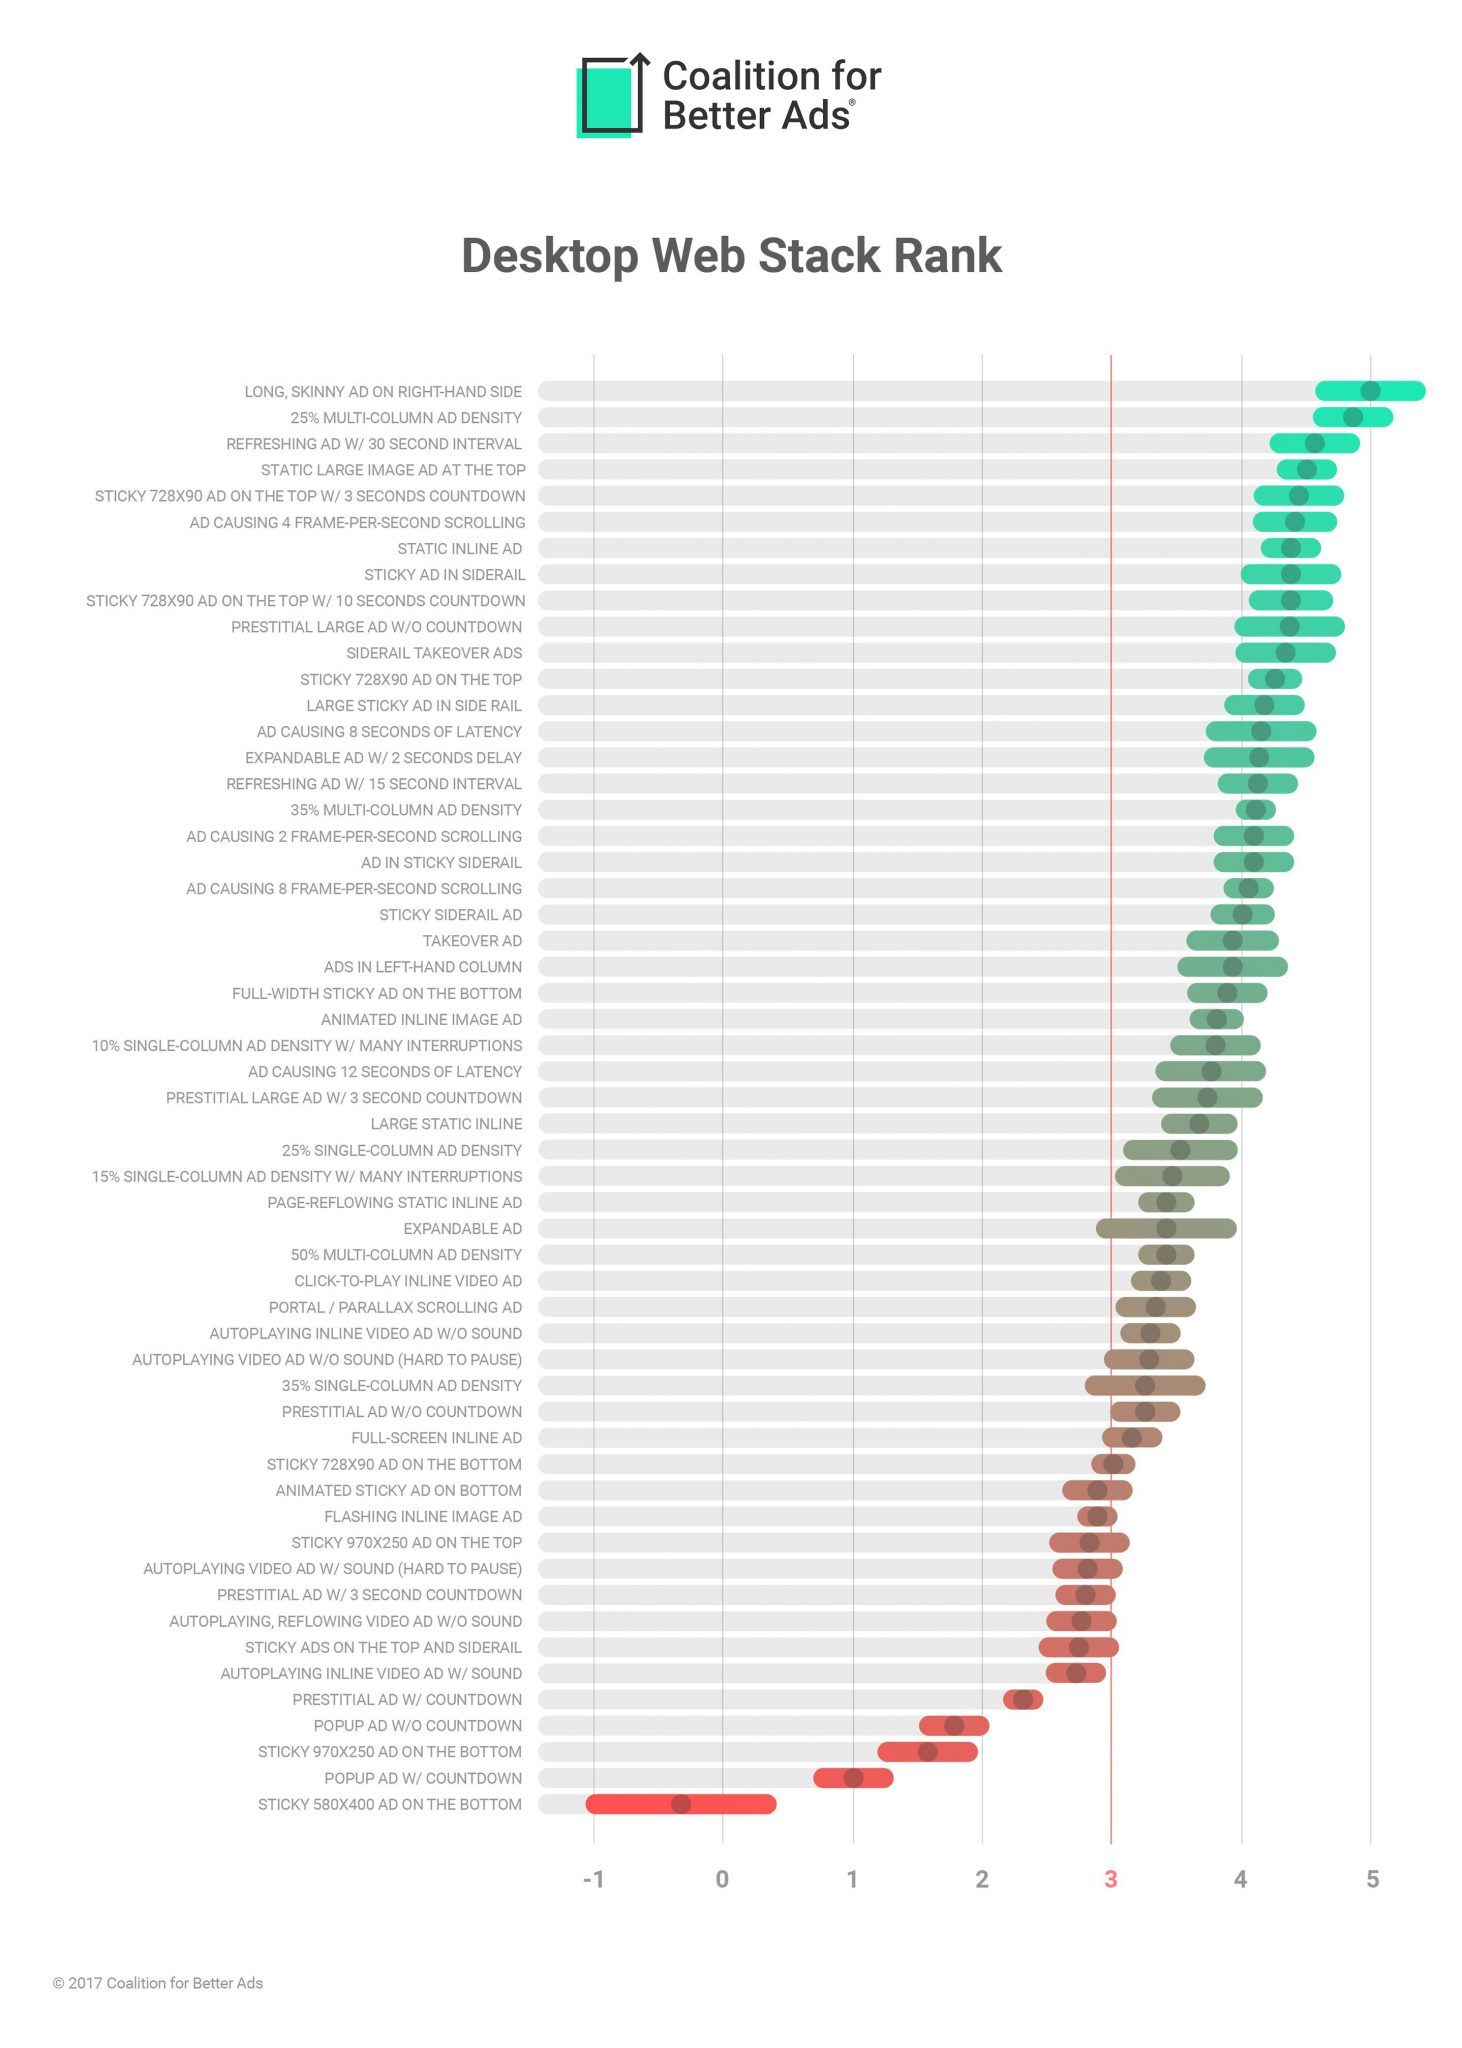 Etude de la Coalition for Better Ads exposant un classement des formats de publicité en fonction de l'expérience utilisateur sur ordinateur.